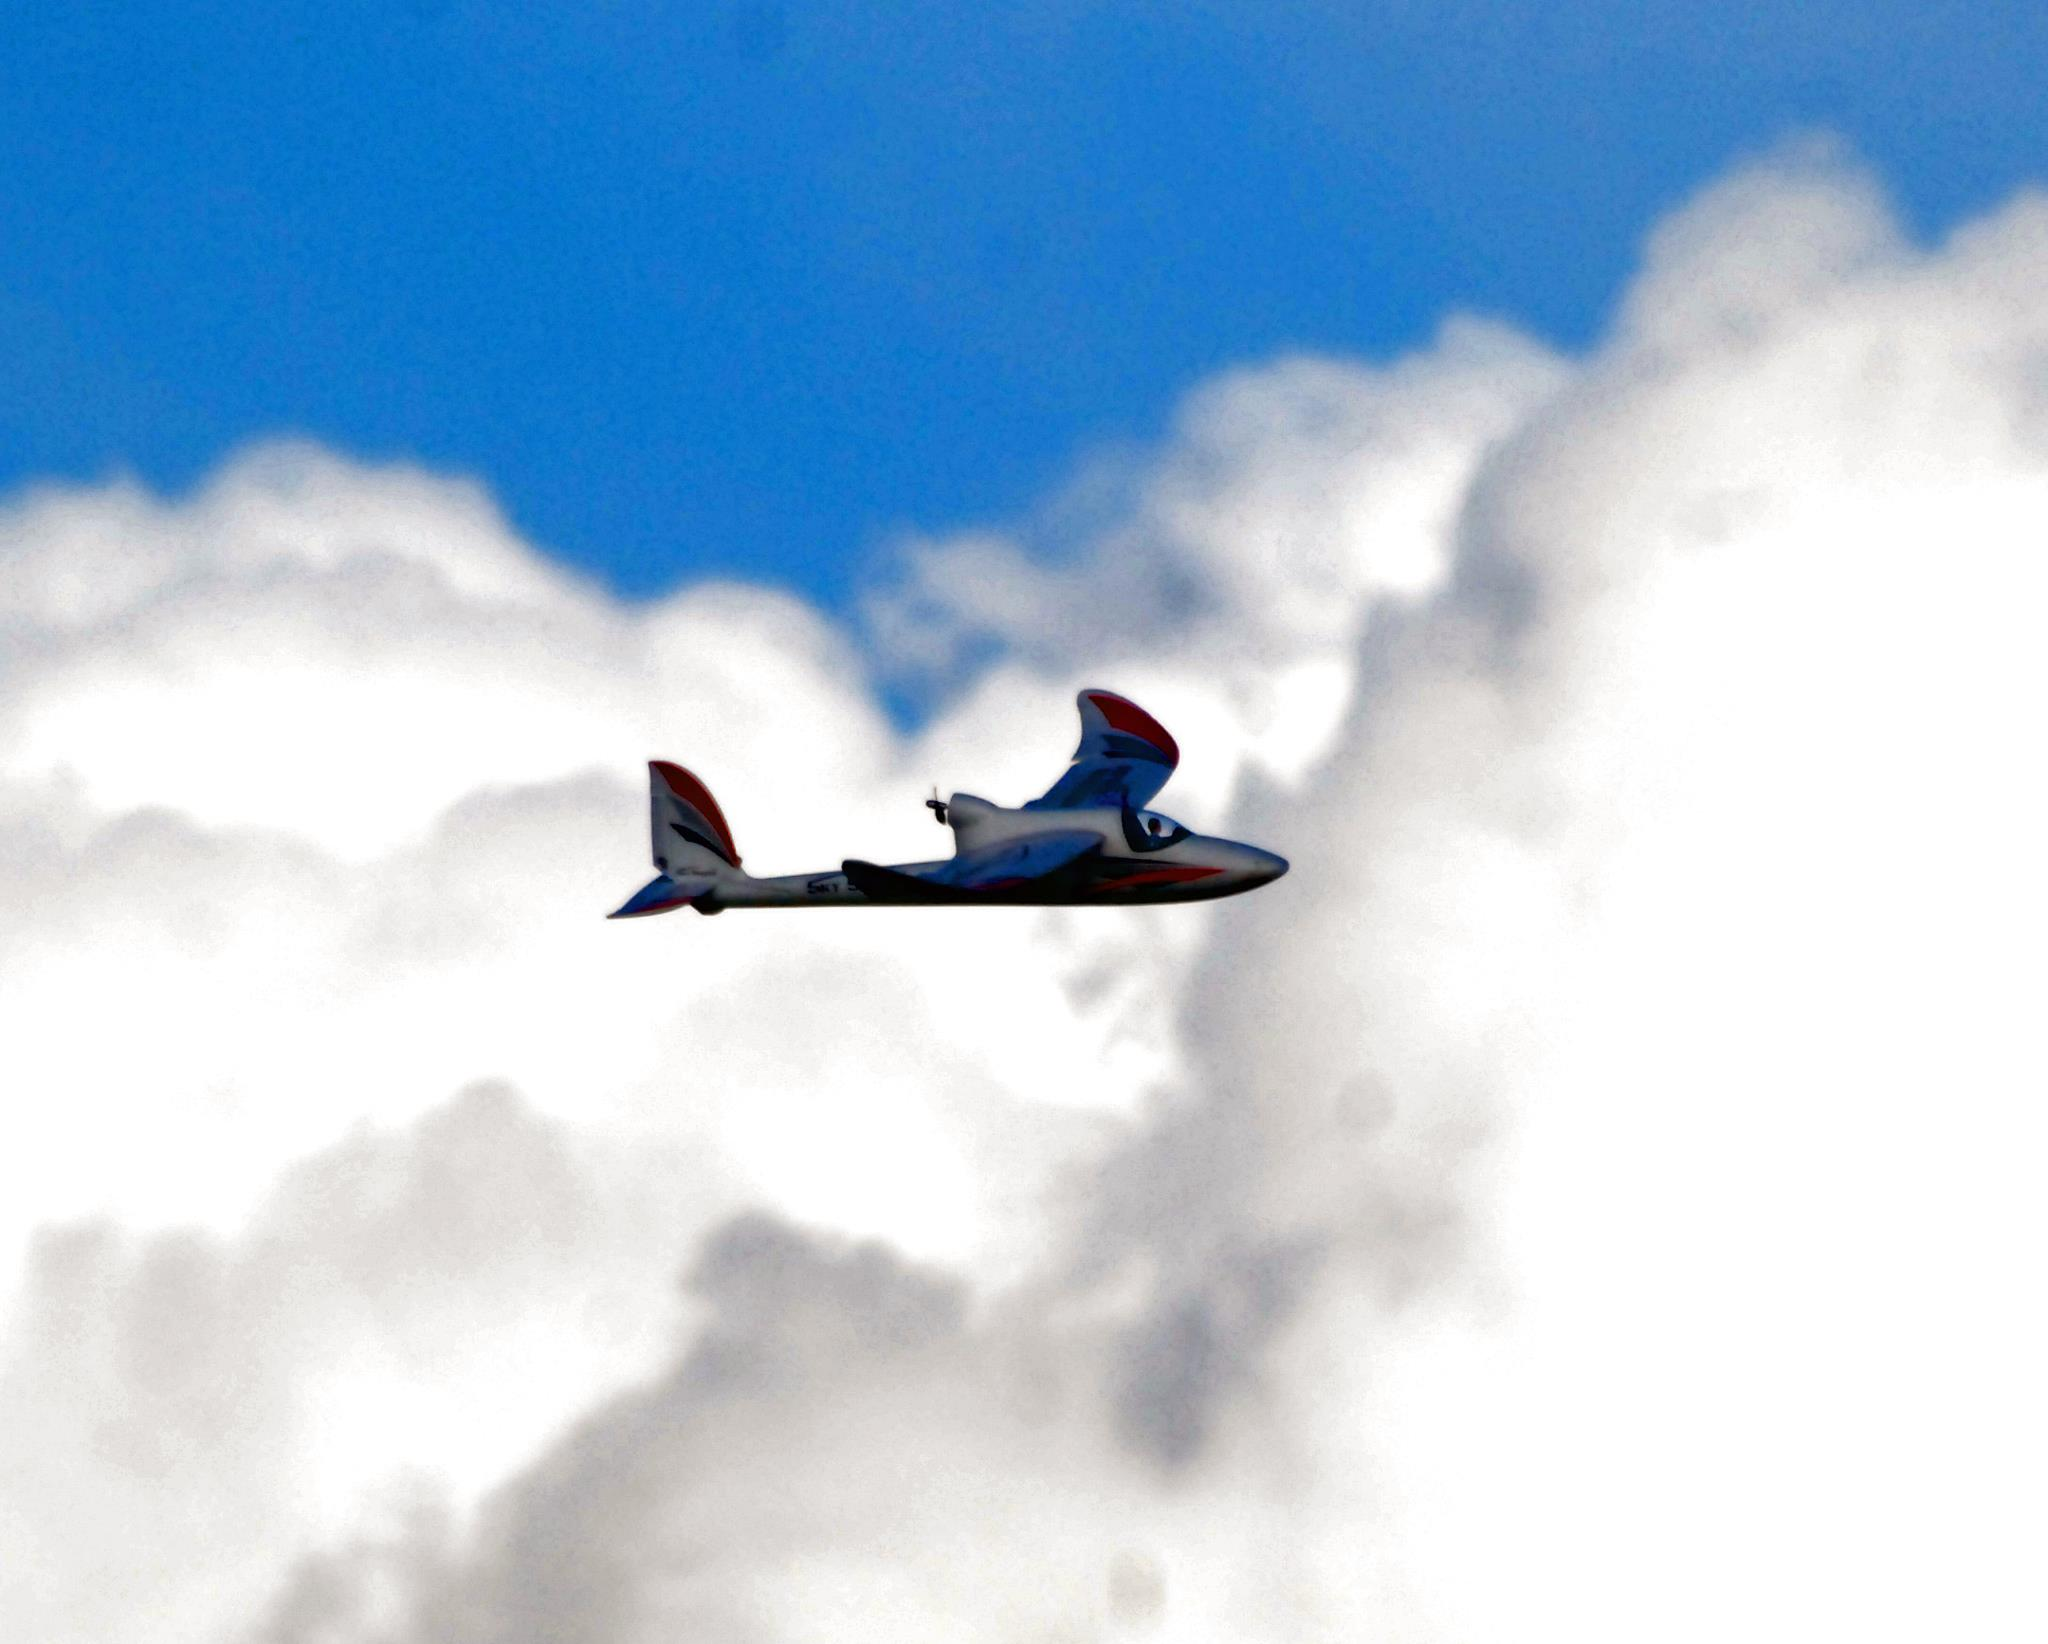 SkySurfer Mid Flight